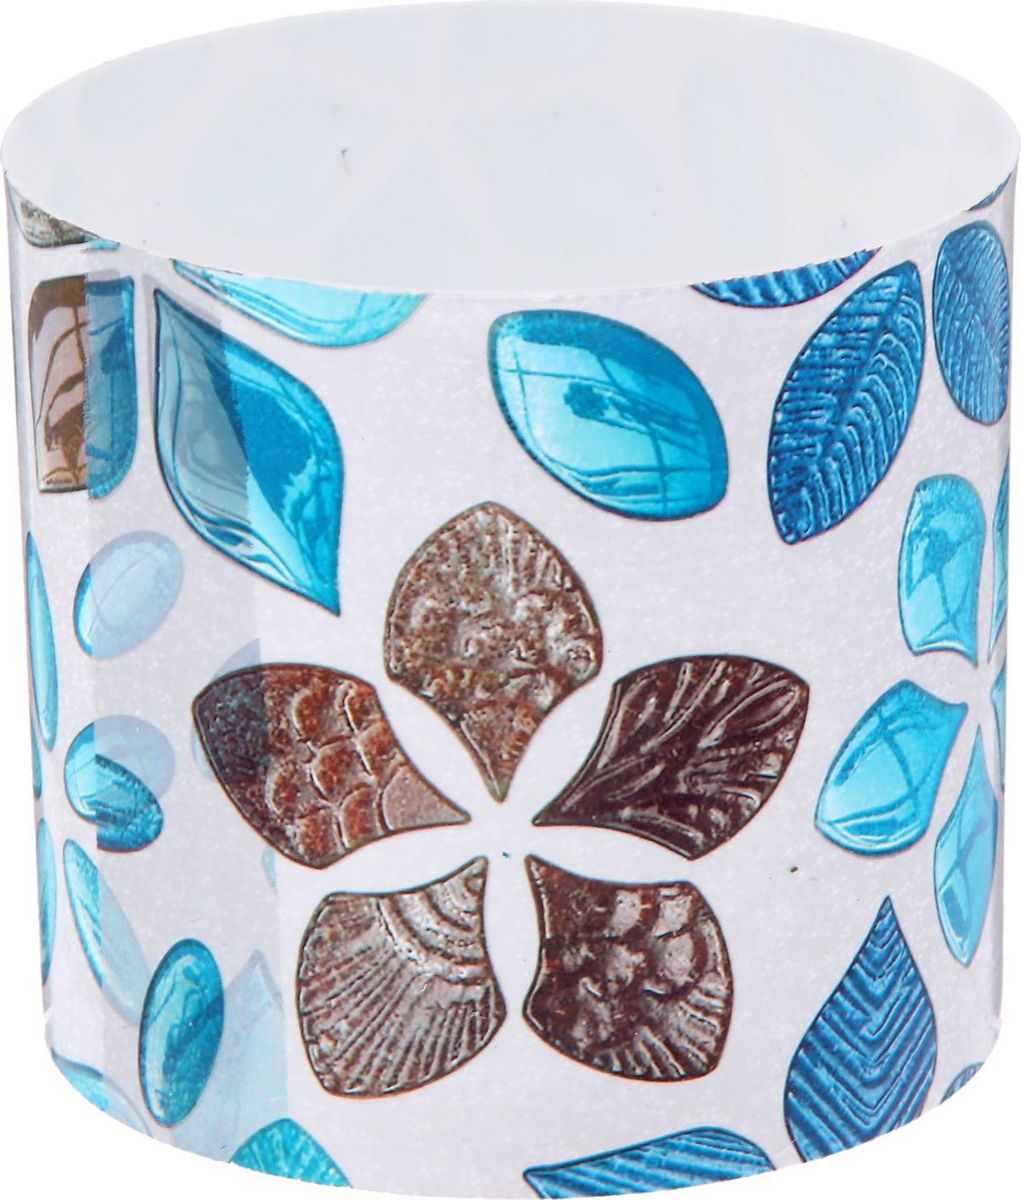 Горшок для цветов Simple Garden Стеклянные цветы, со скрытым поддоном, 1 л2265056Любой, даже самый современный и продуманный интерьер будет незавершенным без растений. Они не только очищают воздух и насыщают его кислородом, но и украшают окружающее пространство. Такому полезному члену семьи просто необходим красивый и функциональный дом! Оптимальный выбор материала — пластмасса! Почему мы так считаем? Малый вес. С легкостью переносите горшки и кашпо с места на место, ставьте их на столики или полки, не беспокоясь о нагрузке. Простота ухода. Кашпо не нуждается в специальных условиях хранения. Его легко чистить — достаточно просто сполоснуть теплой водой. Никаких потертостей. Такие кашпо не царапают и не загрязняют поверхности, на которых стоят. Пластик дольше хранит влагу, а значит, растение реже нуждается в поливе. Пластмасса не пропускает воздух — корневой системе растения не грозят резкие перепады температур. Огромный выбор форм, декора и расцветок — вы без труда найдете что-то, что идеально впишется в уже существующий интерьер. Соблюдая нехитрые правила ухода, вы можете заметно продлить срок службы горшков и кашпо из пластика: всегда учитывайте размер кроны и корневой системы (при разрастании большое растение способно повредить маленький горшок) берегите изделие от воздействия прямых солнечных лучей, чтобы горшки не выцветали держите кашпо из пластика подальше от нагревающихся поверхностей. Создавайте прекрасные цветочные композиции, выращивайте рассаду или необычные растения.